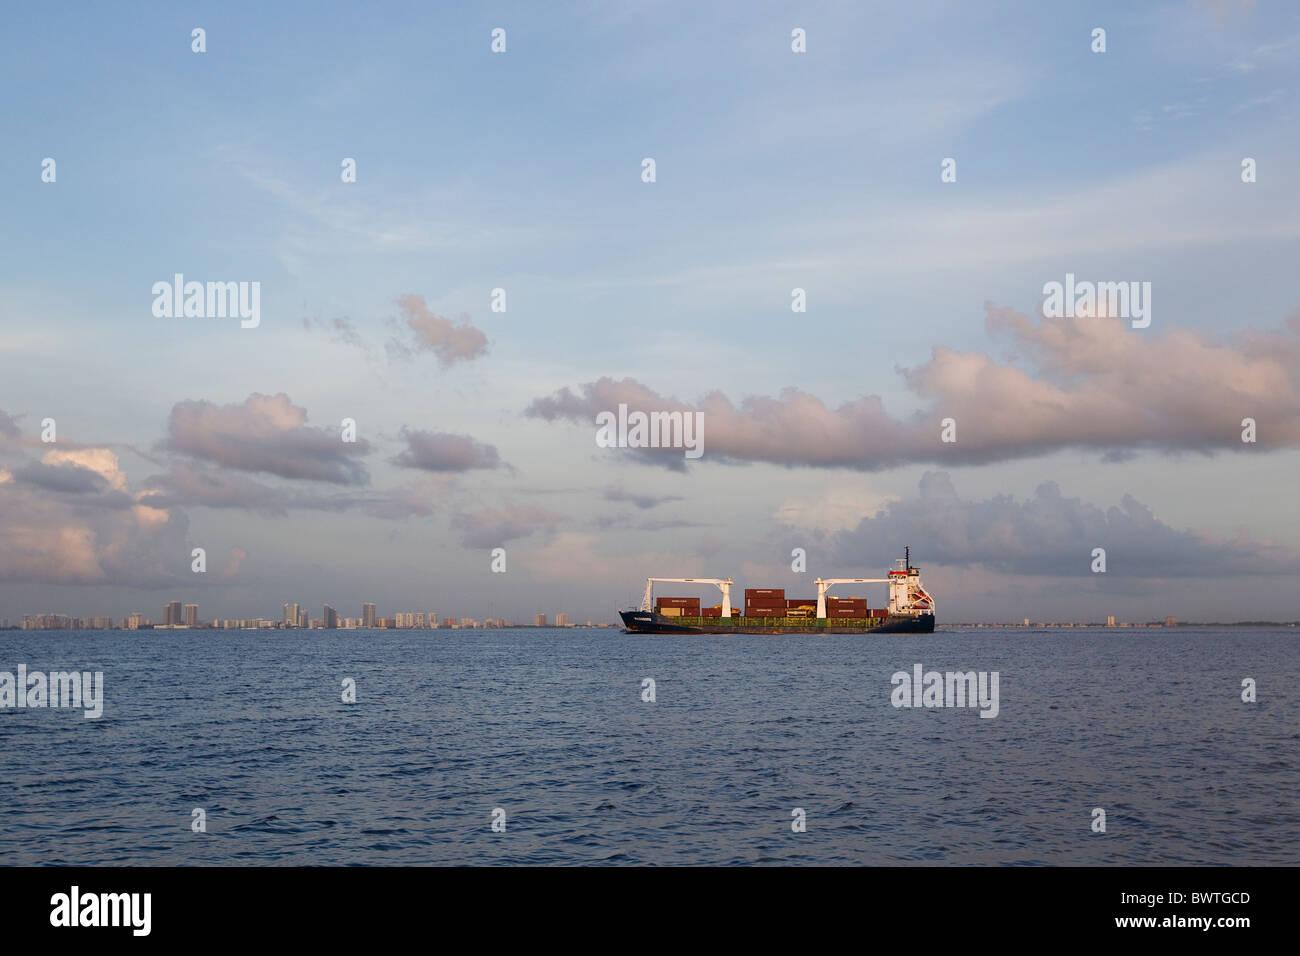 Cargo ship at sea near city, Daytona, Florida - Stock Image